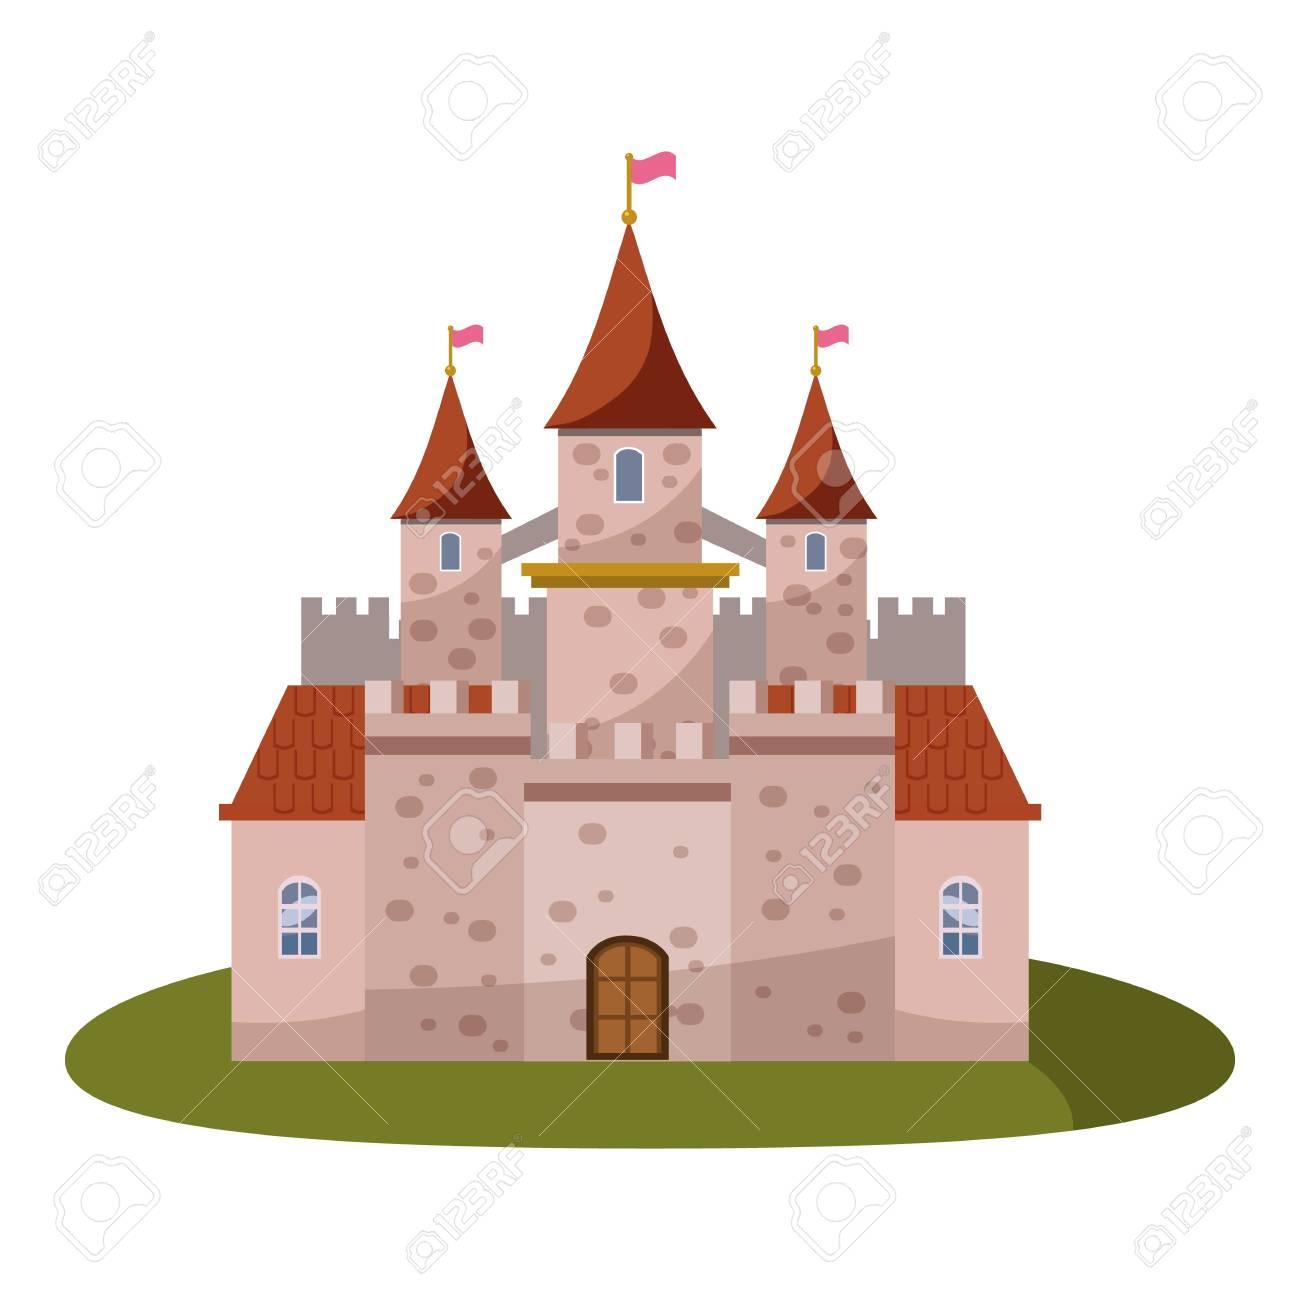 Icone Du Chateau Illustration De Dessin Anime De L Icone De Vecteur De Chateau Pour Le Web Clip Art Libres De Droits Vecteurs Et Illustration Image 83066602